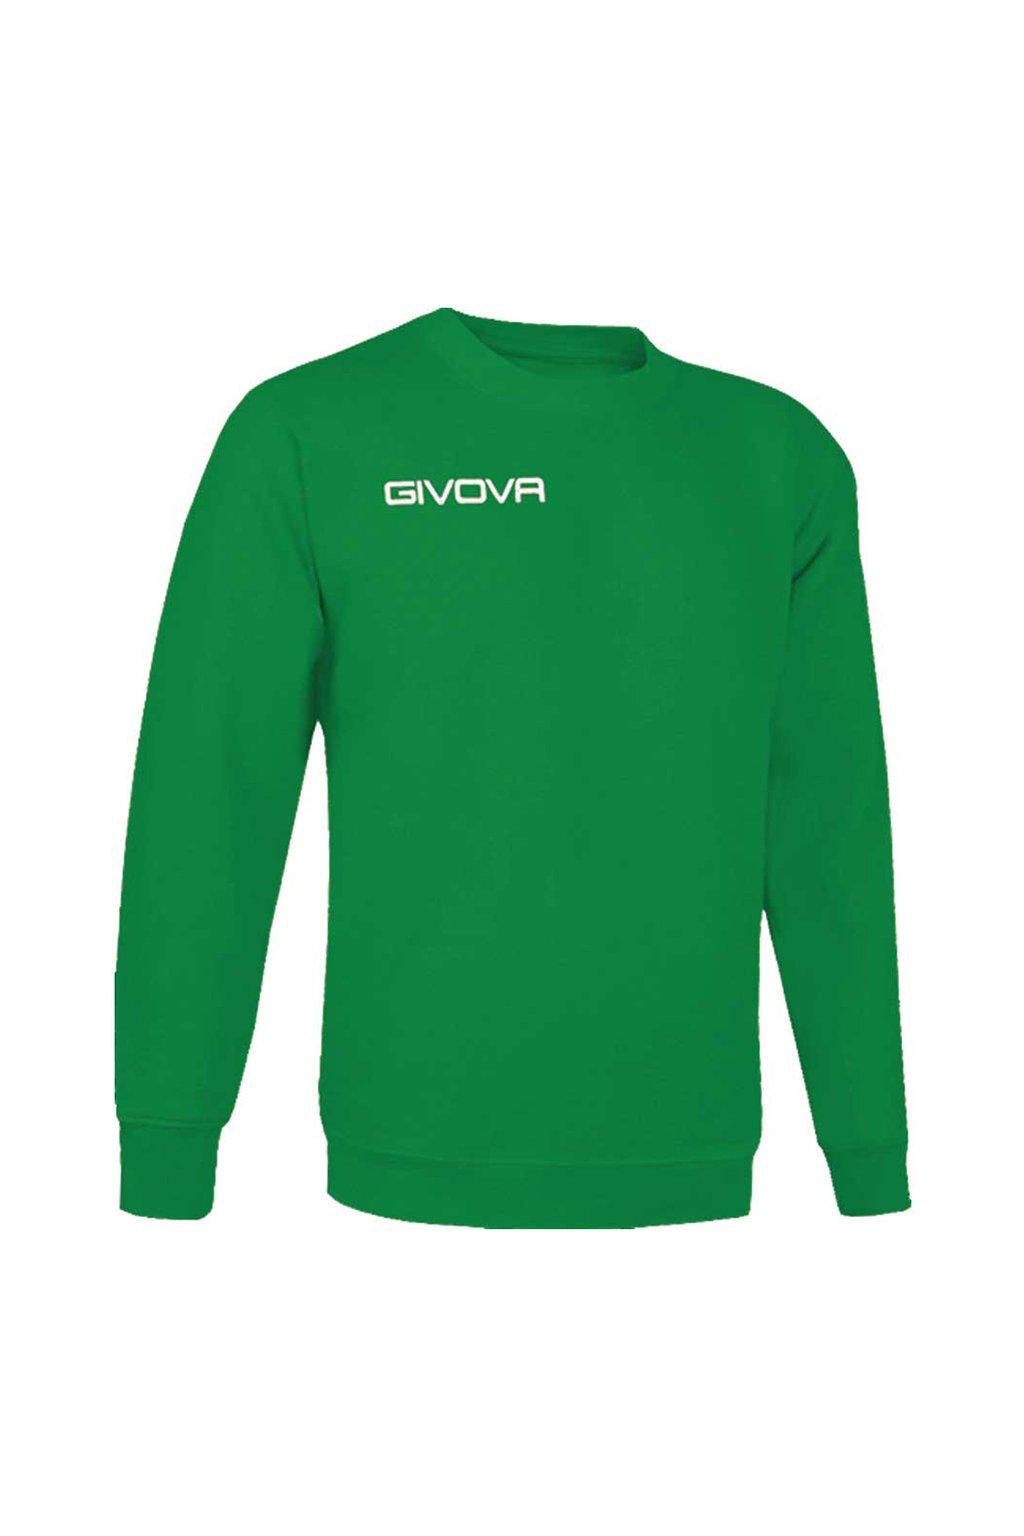 Tréningová mikina Givova Maglia One zelená